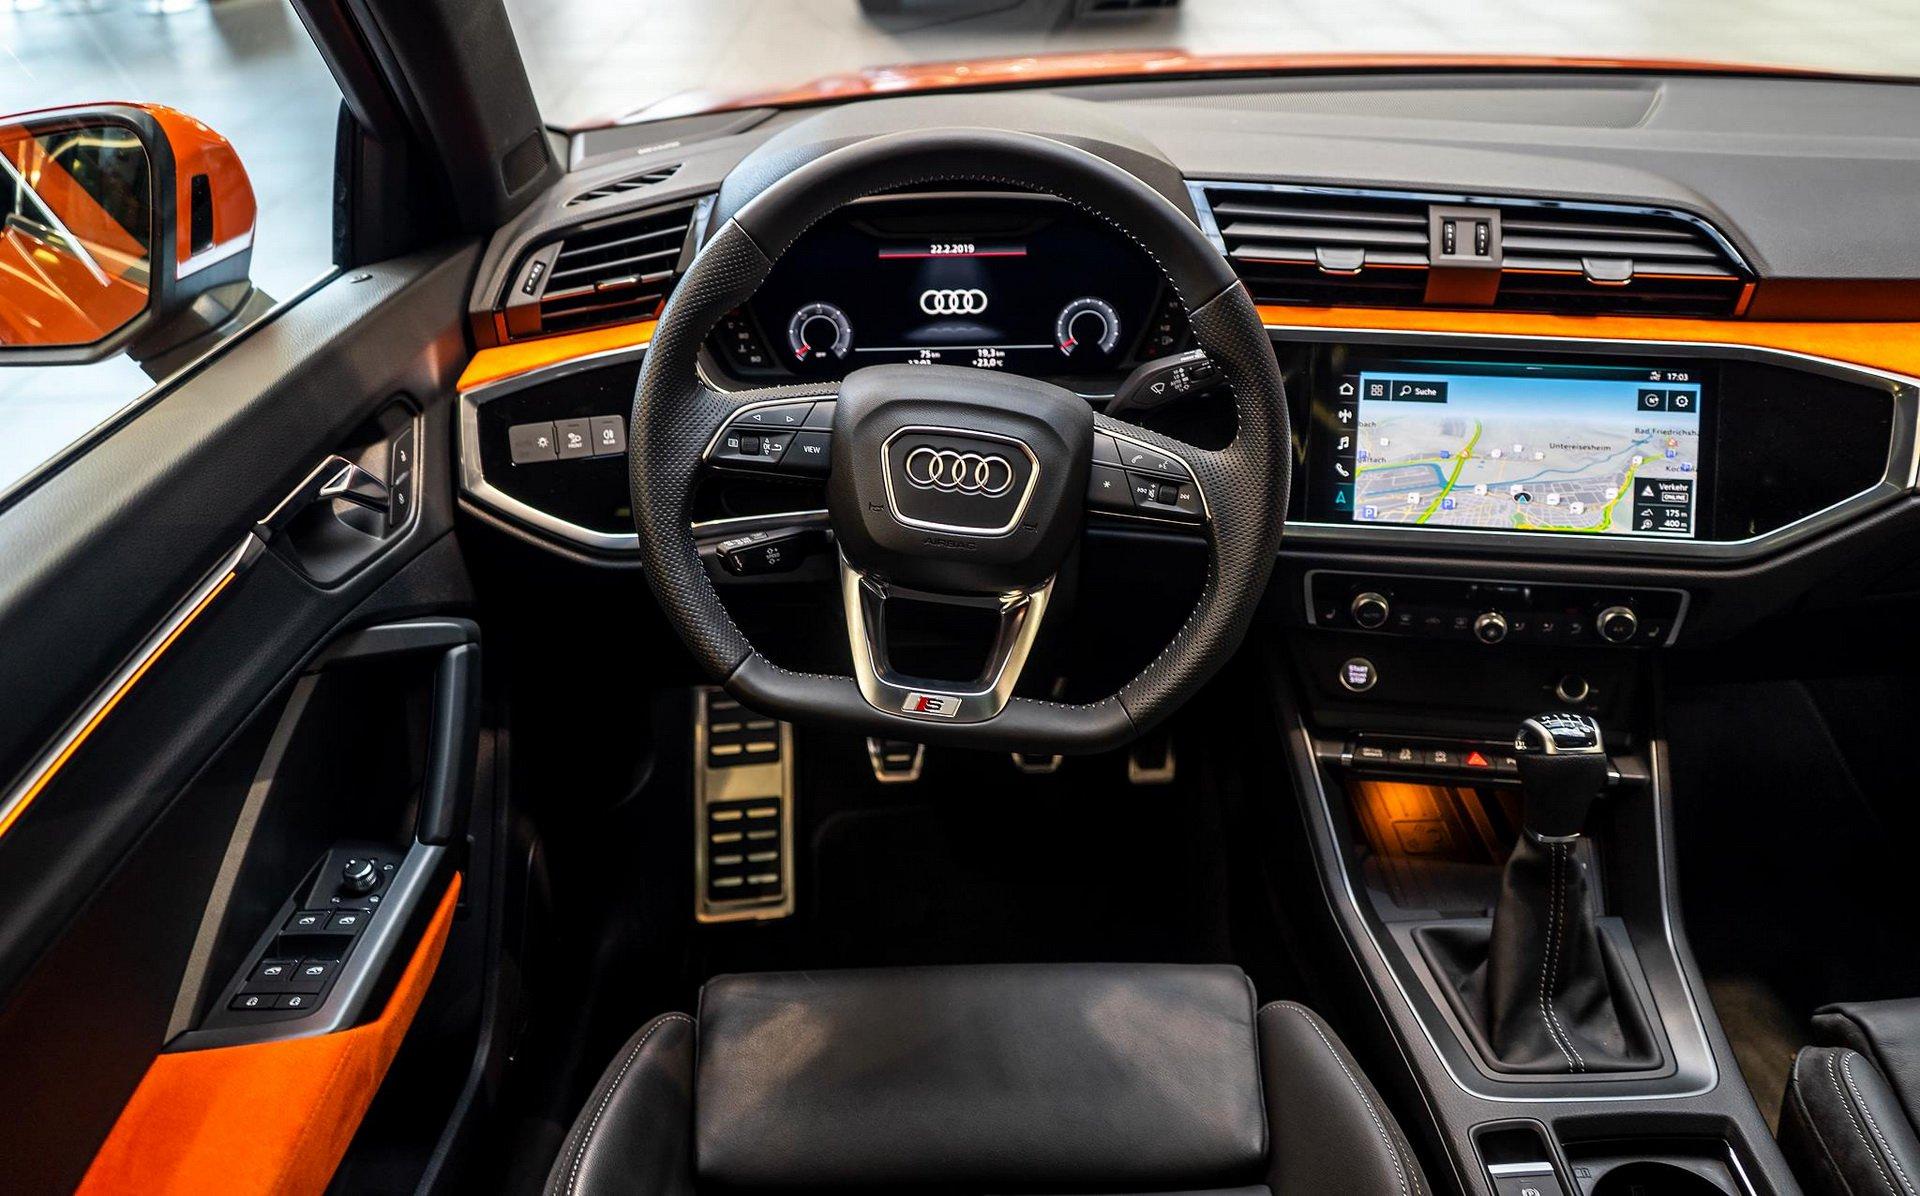 Ít ai ngờ chiếc Audi này được bọc da chỉ có trên siêu xe - Hình 1